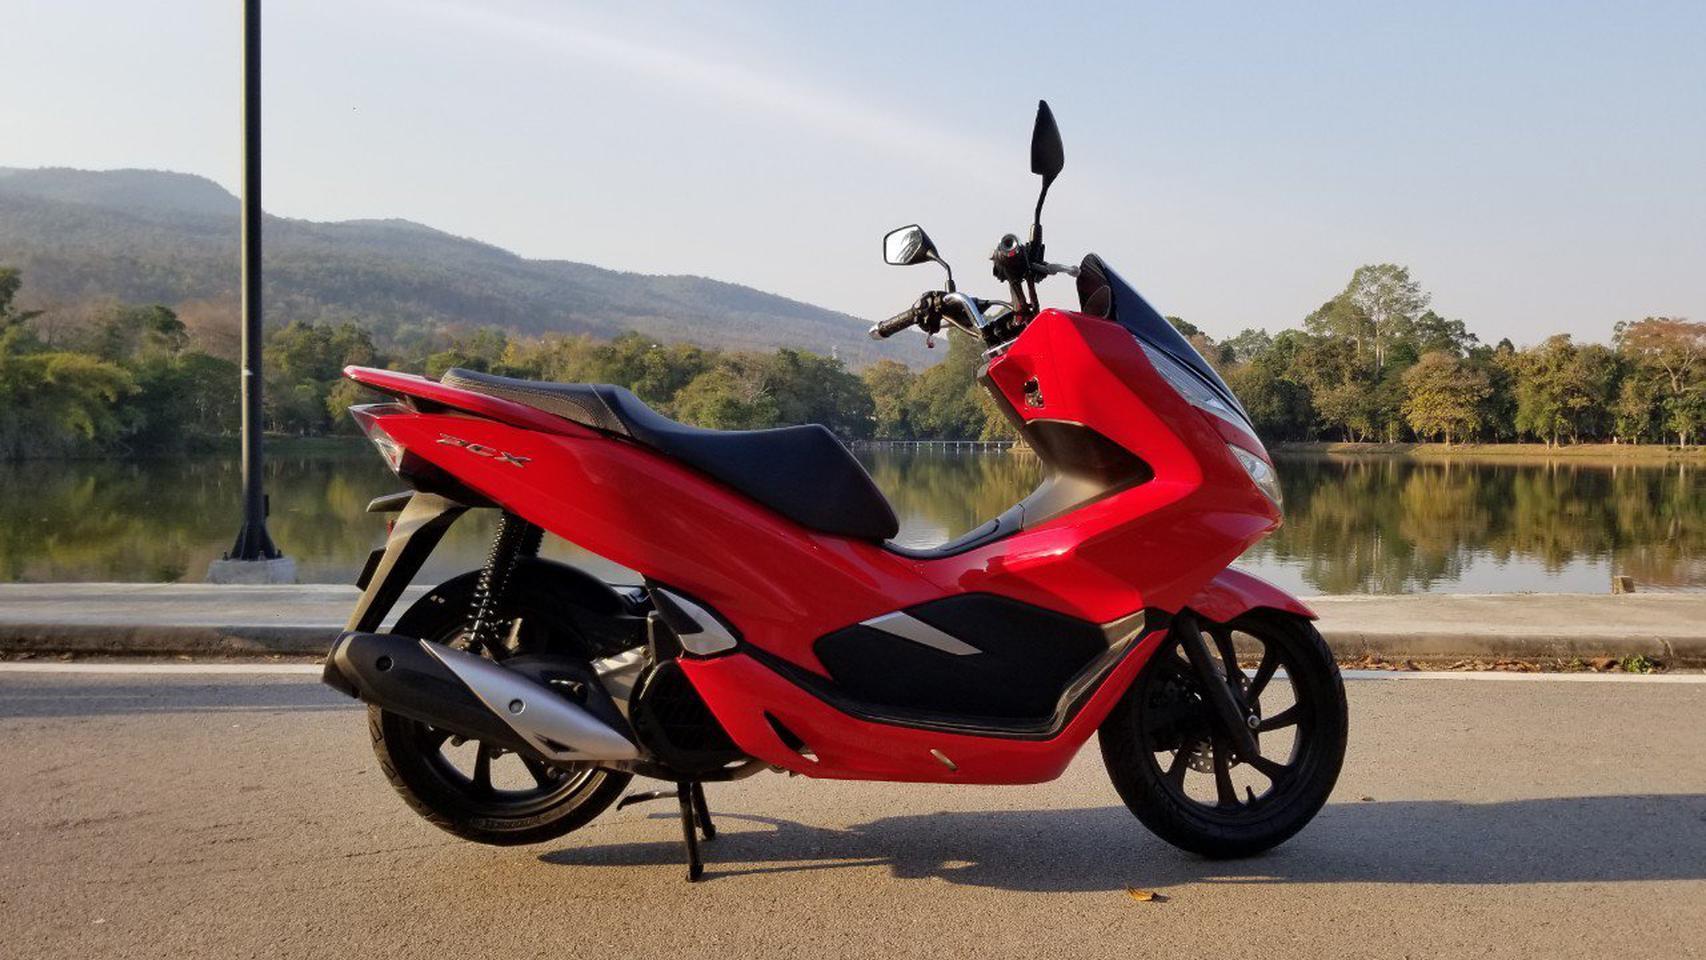 ขาย Honda New PCX 150 ปี 2020 รูปที่ 1